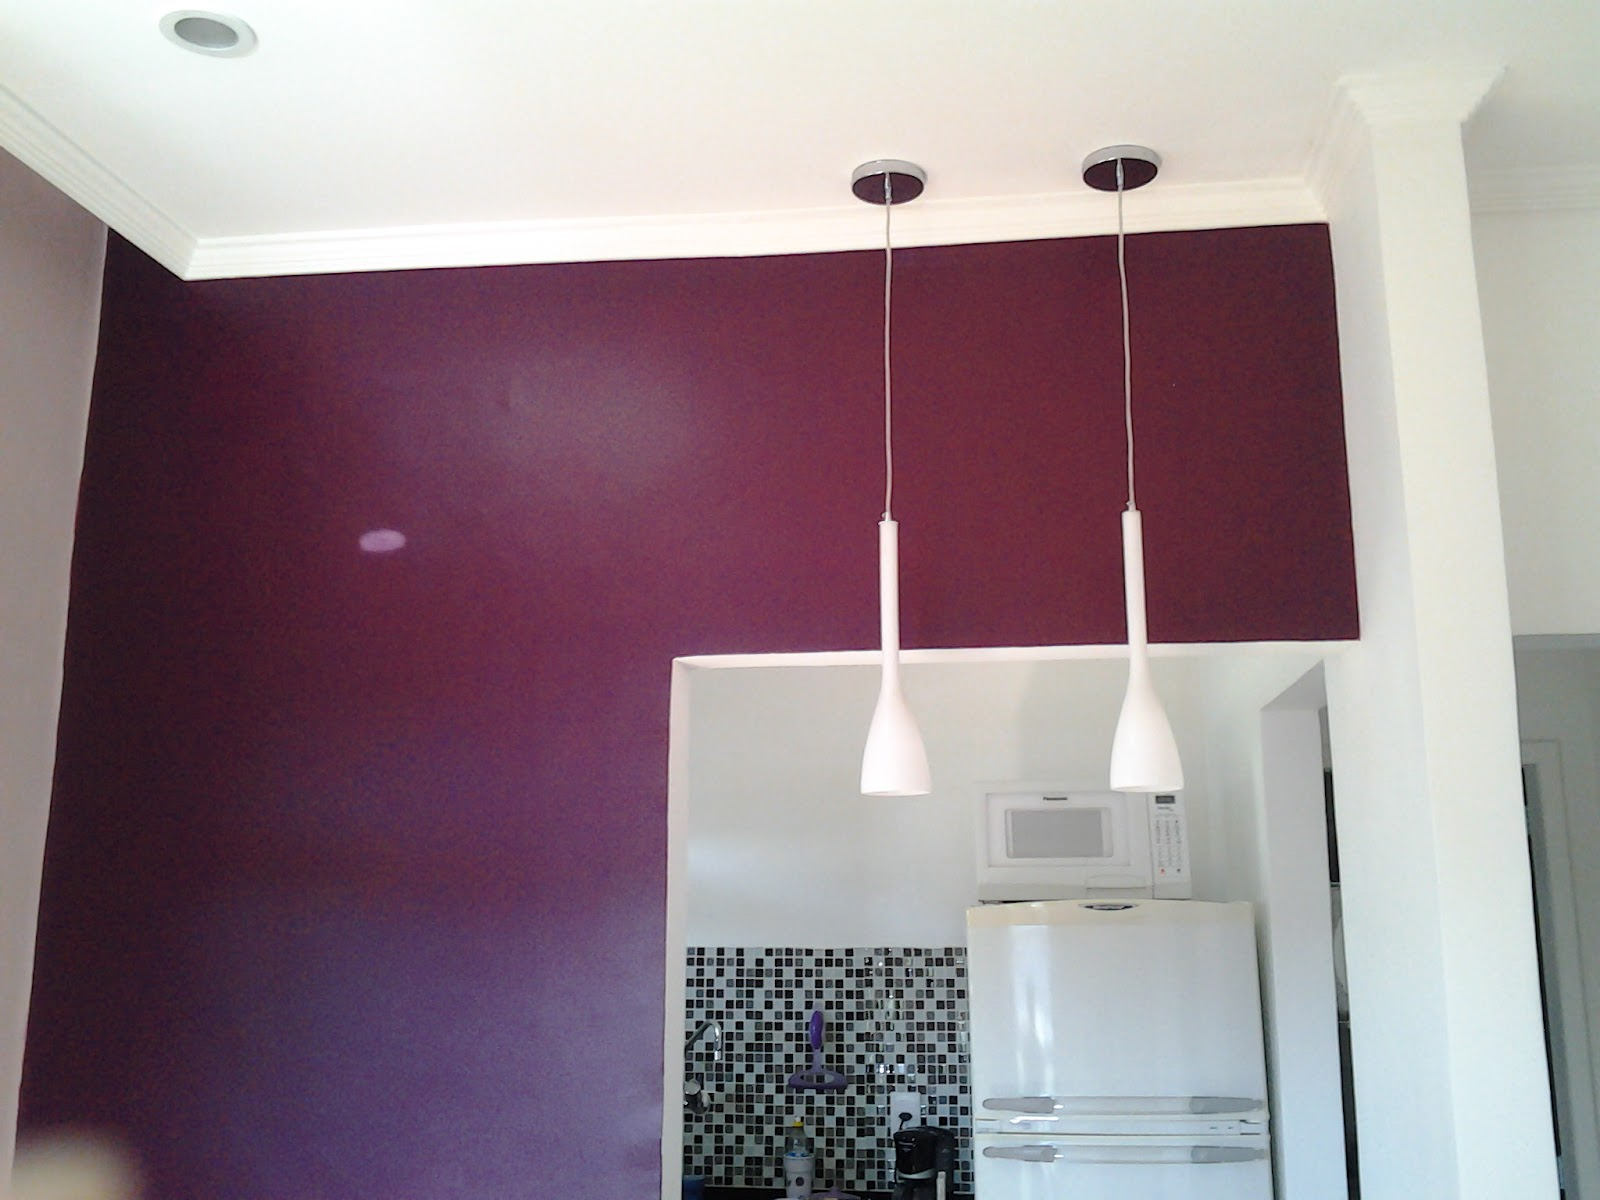 Passa prato ( a manchinha na parede é um efeito da luz a parede  #662D43 1600x1200